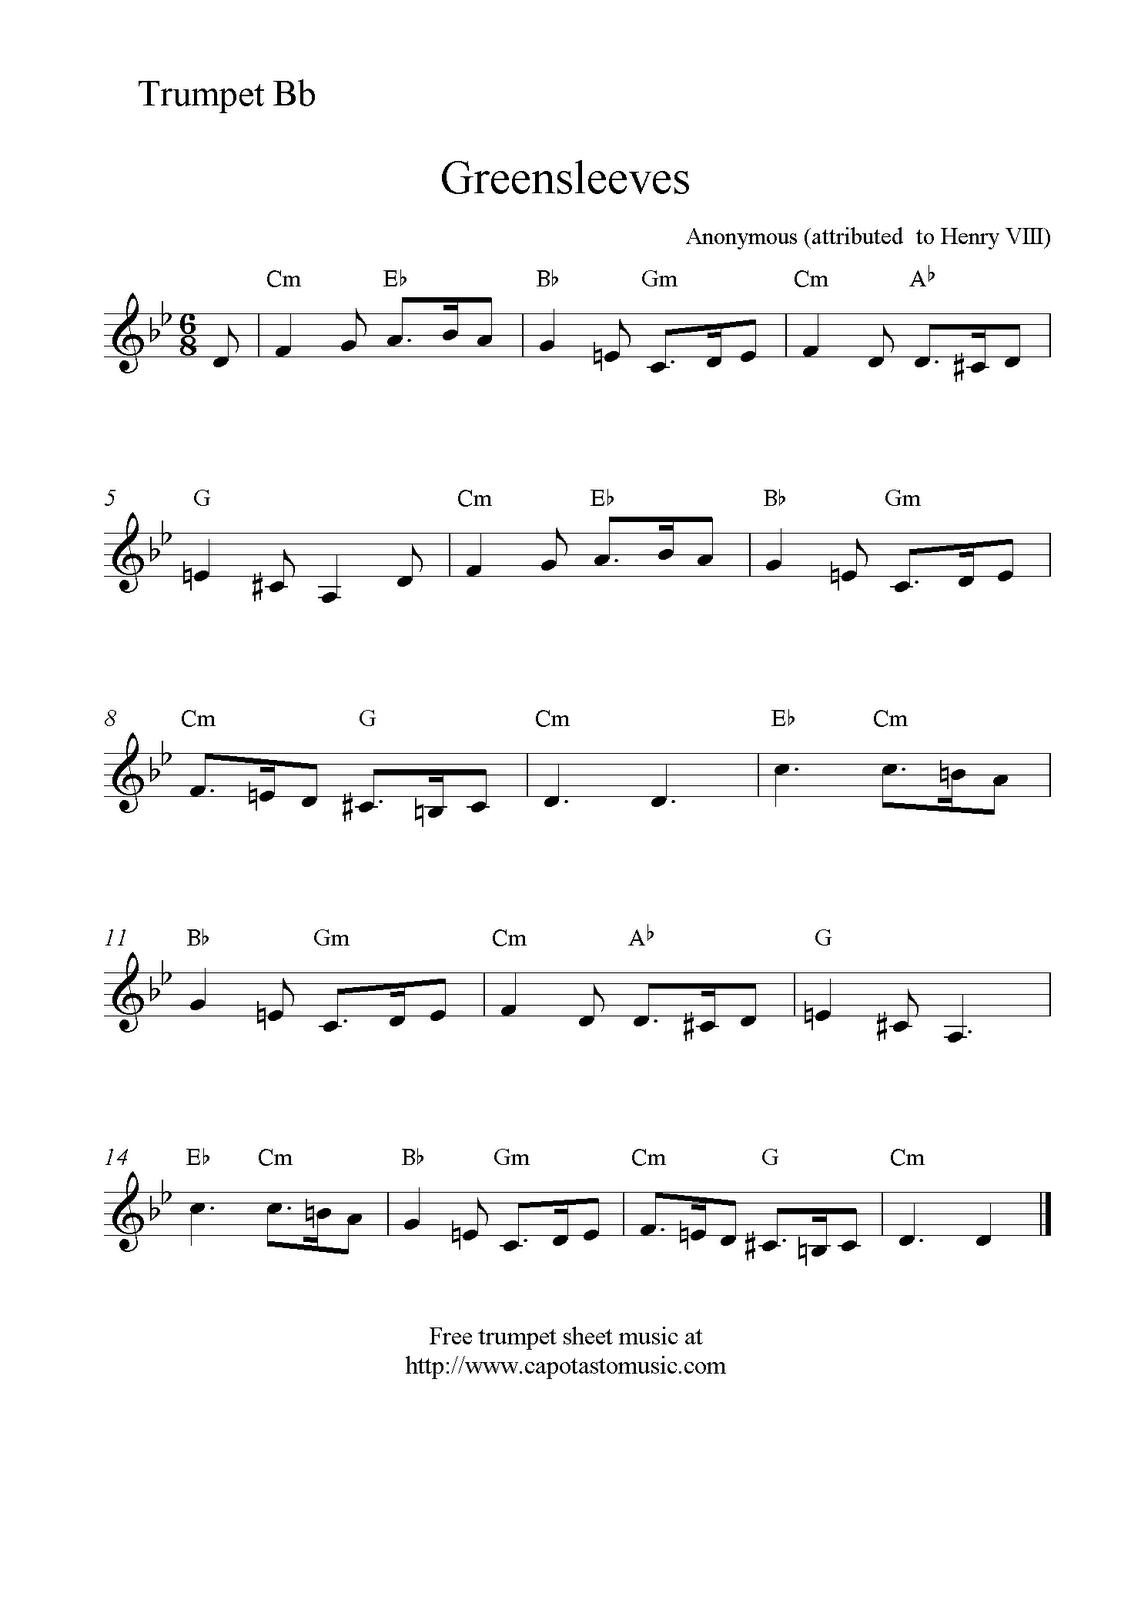 Free Sheet Music Scores: Greensleeves, Free Trumpet Sheet Music - Free Printable Sheet Music For Trumpet